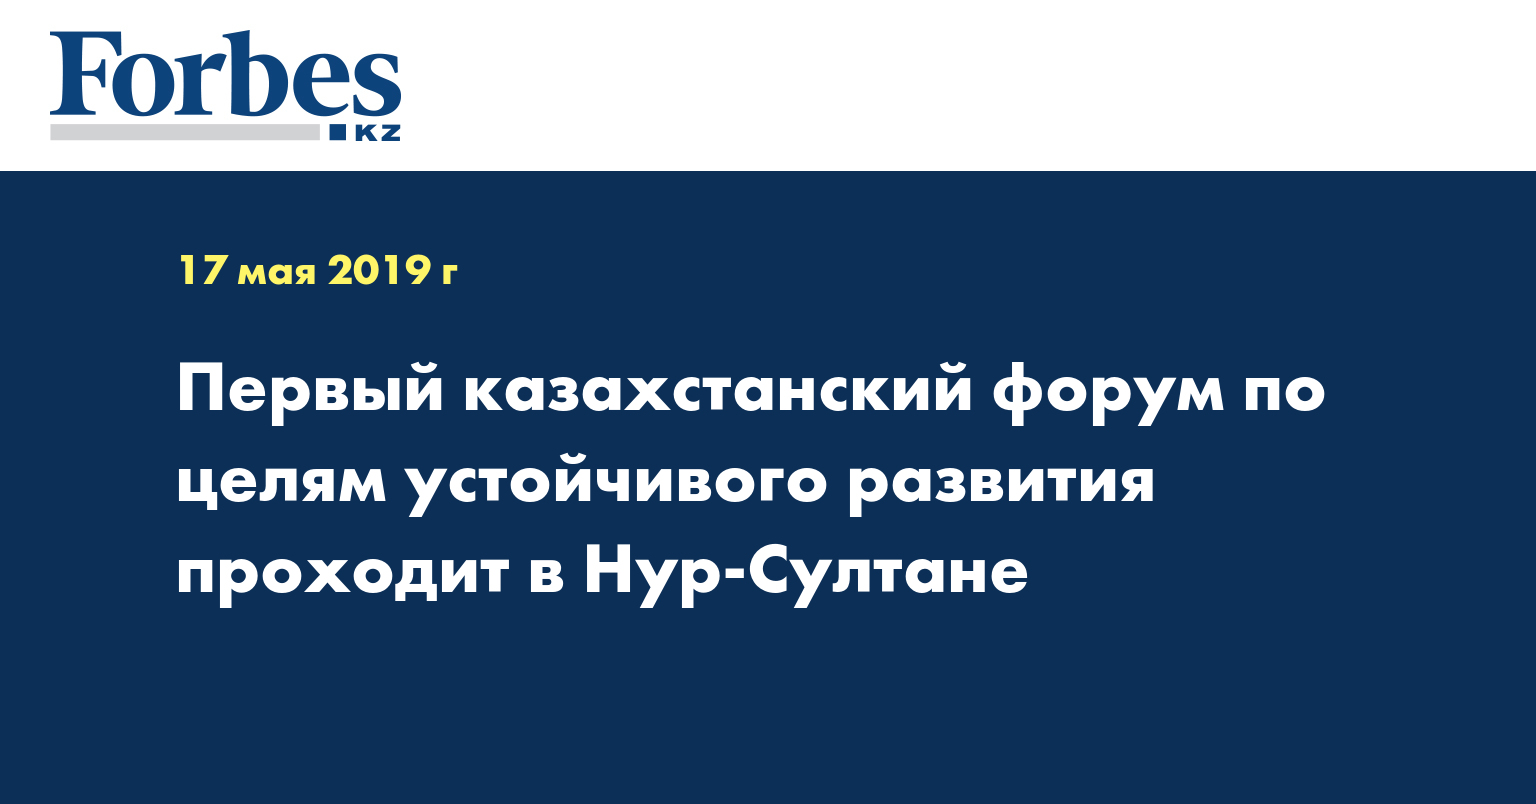 Первый казахстанский форум по целям устойчивого развития проходит в Нур-Султане